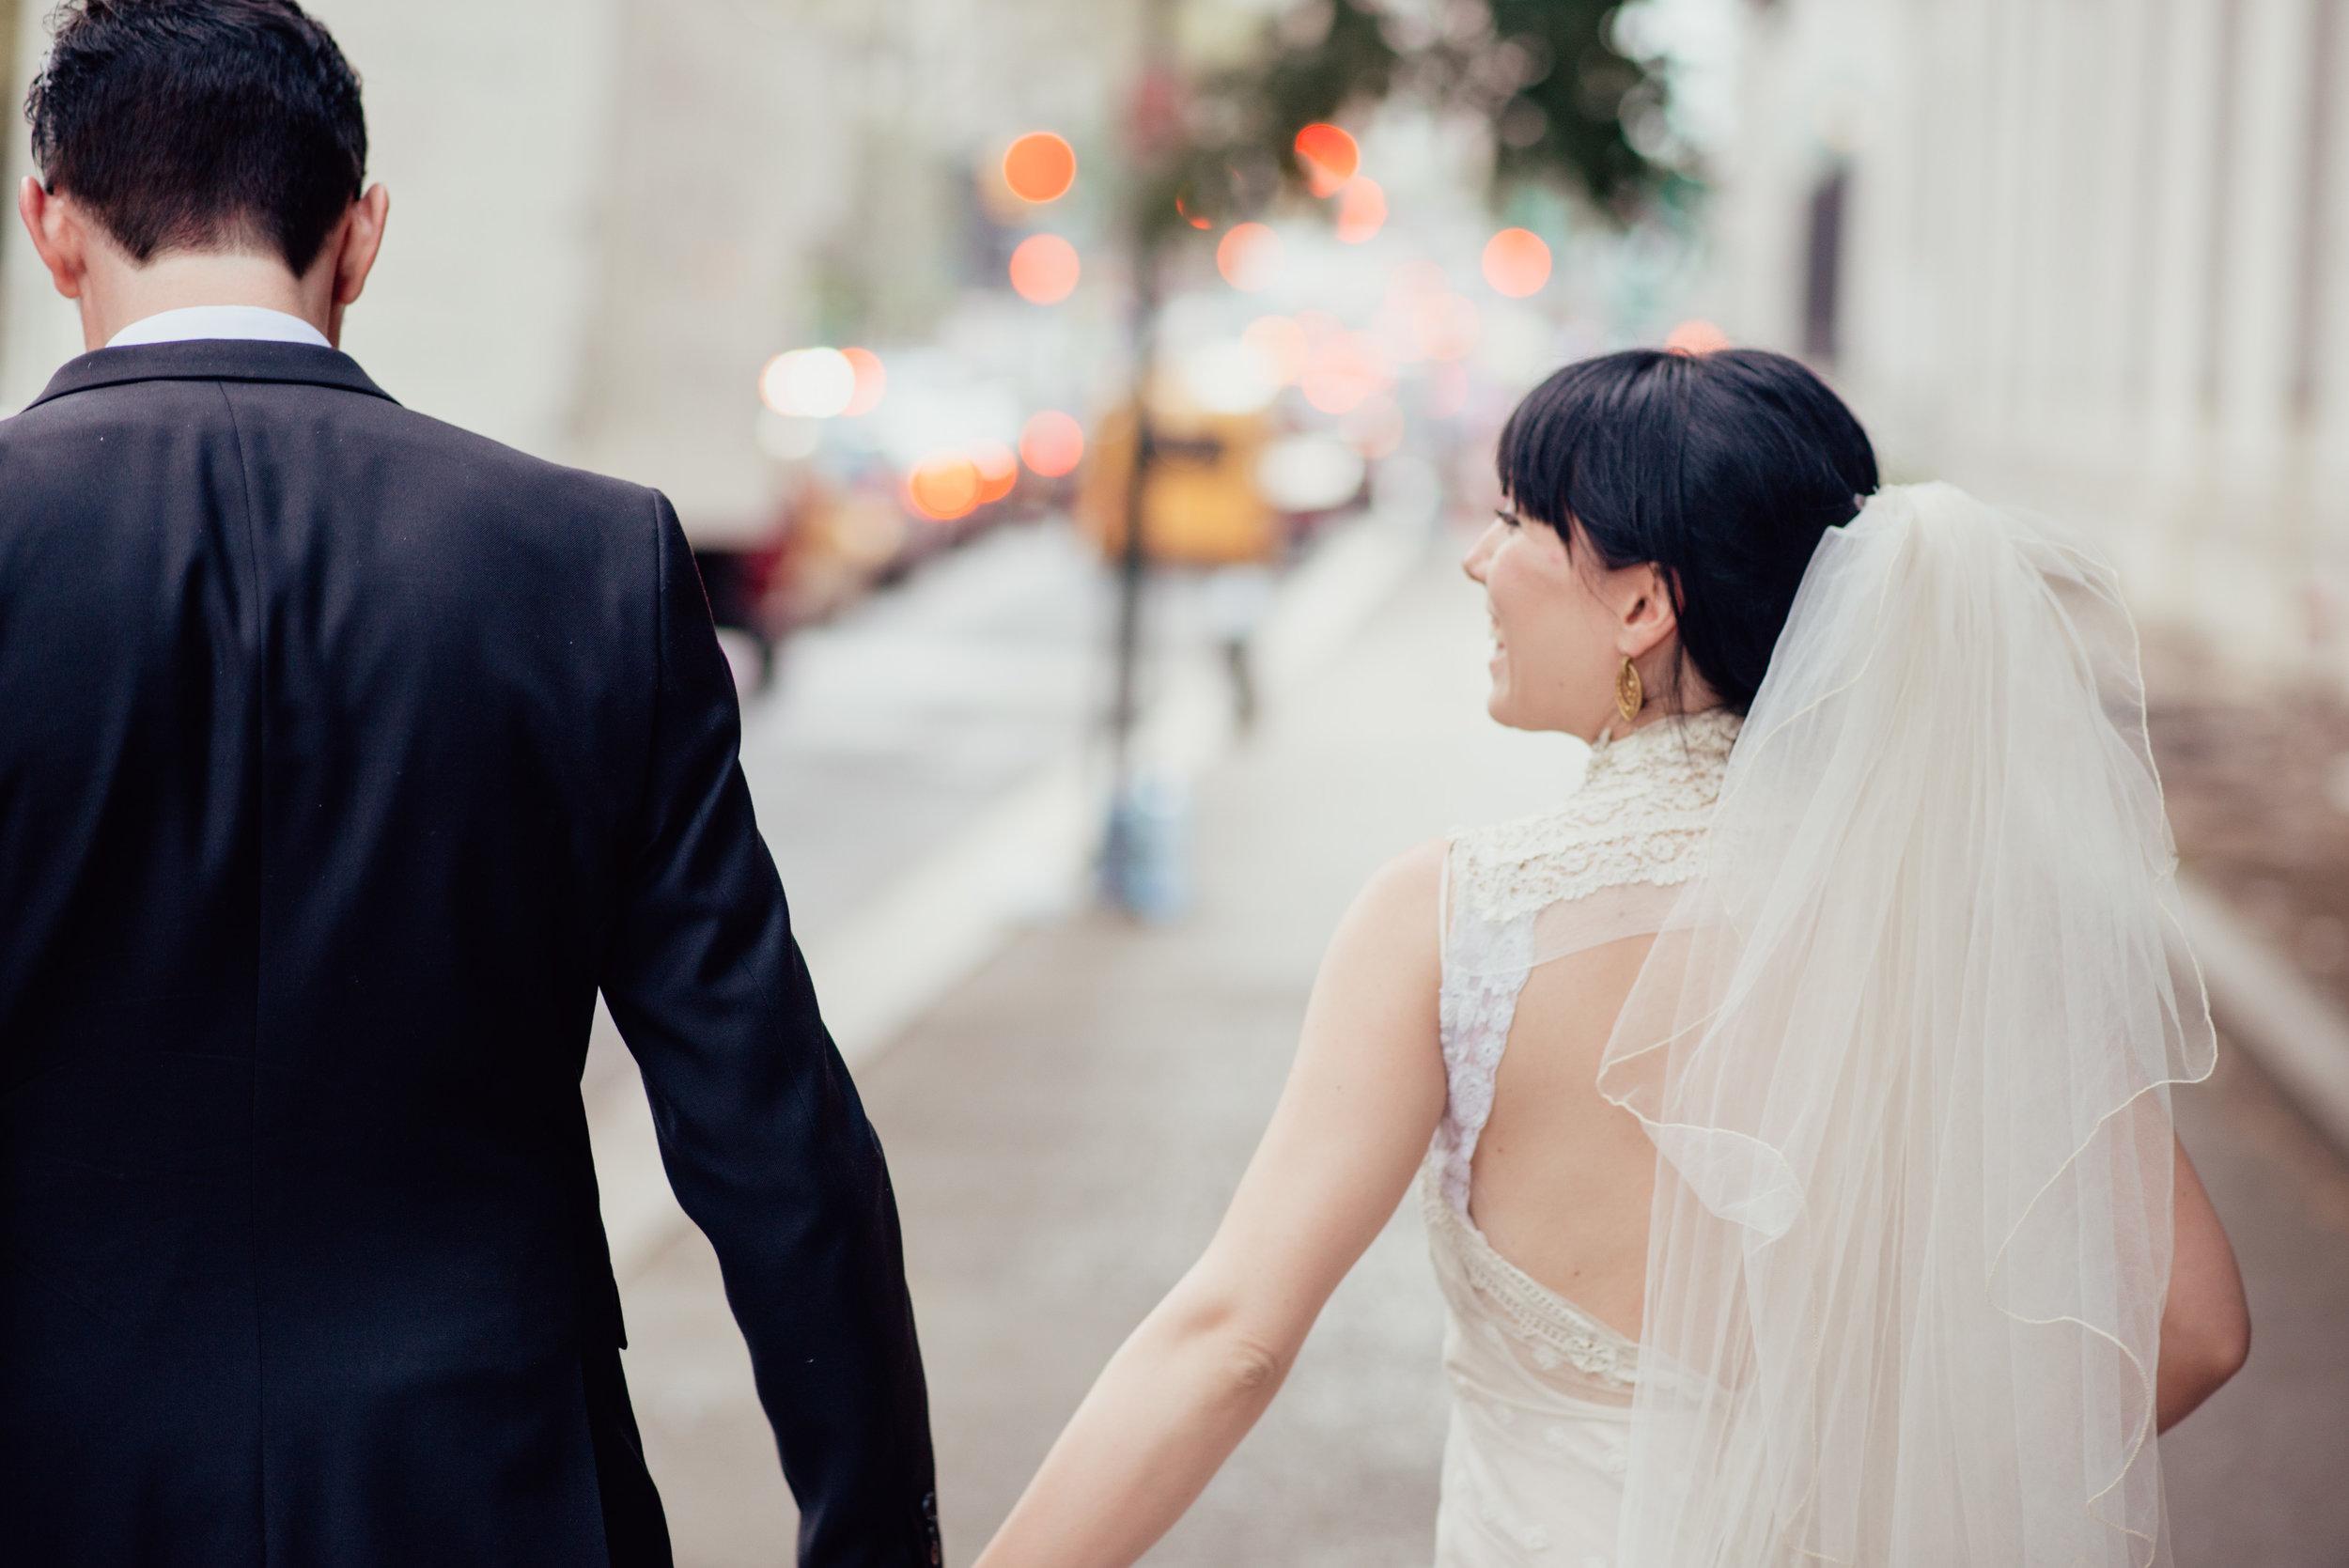 cleland-studios-weddings-27.jpg